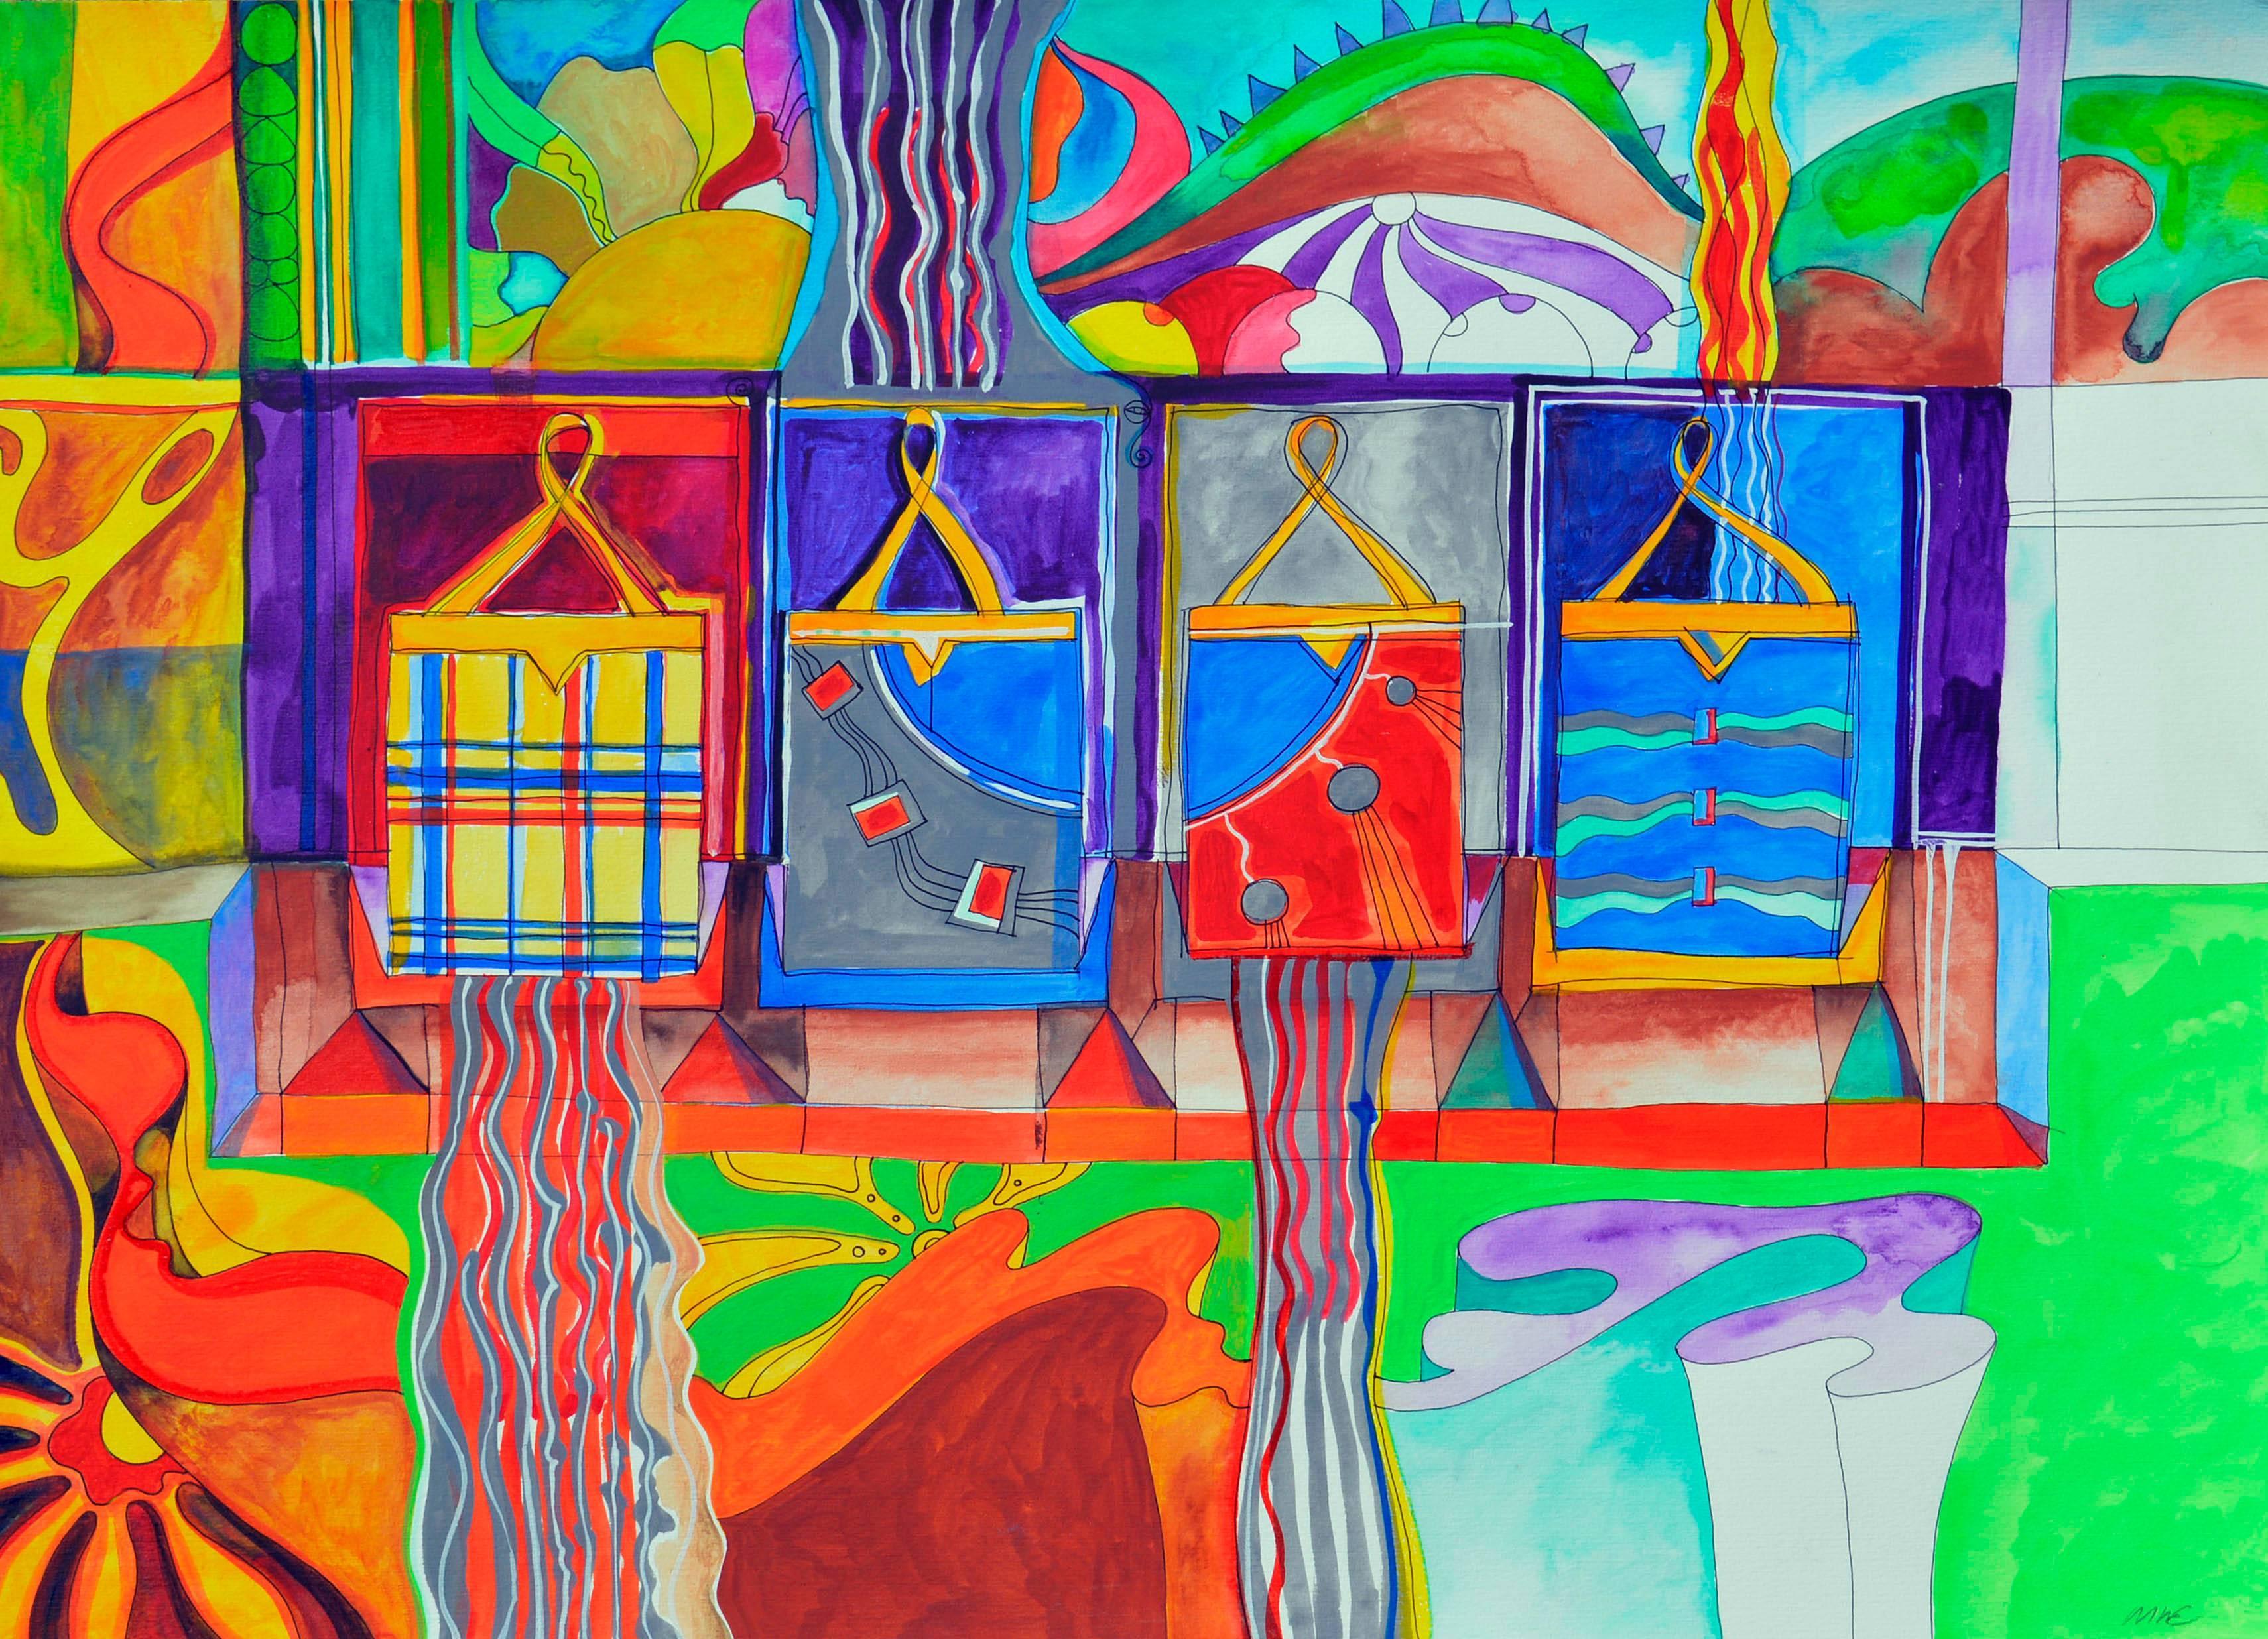 Psychedelic Handbags - Surreal Visonary Landscape